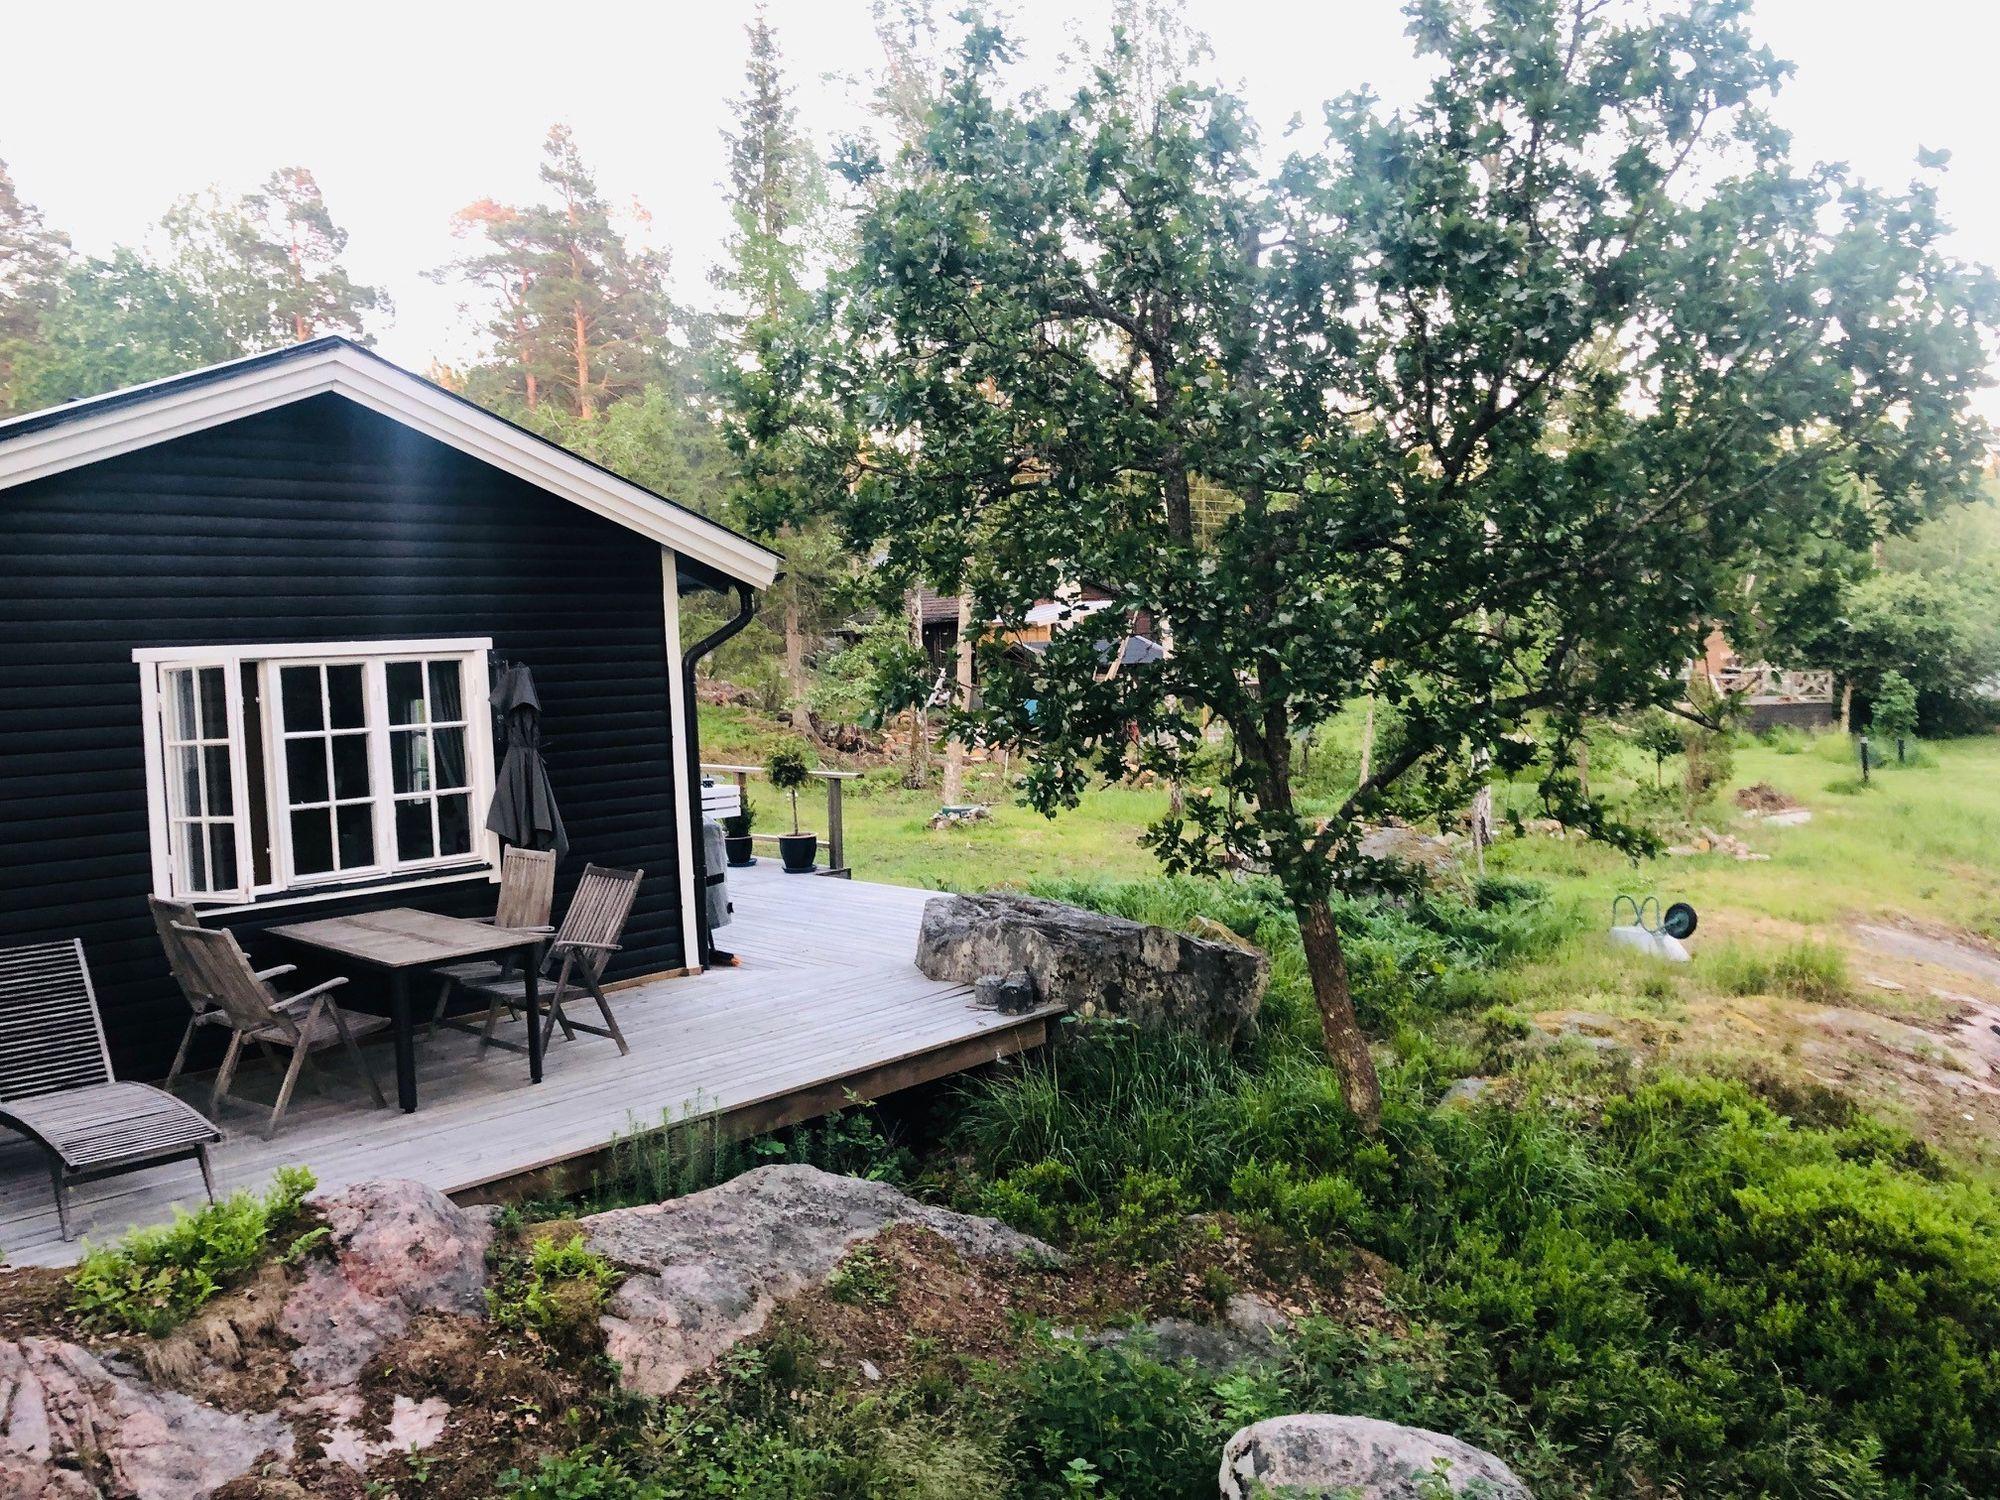 Hyr i Skrgrden p underbara Djur! - Houses for - Airbnb